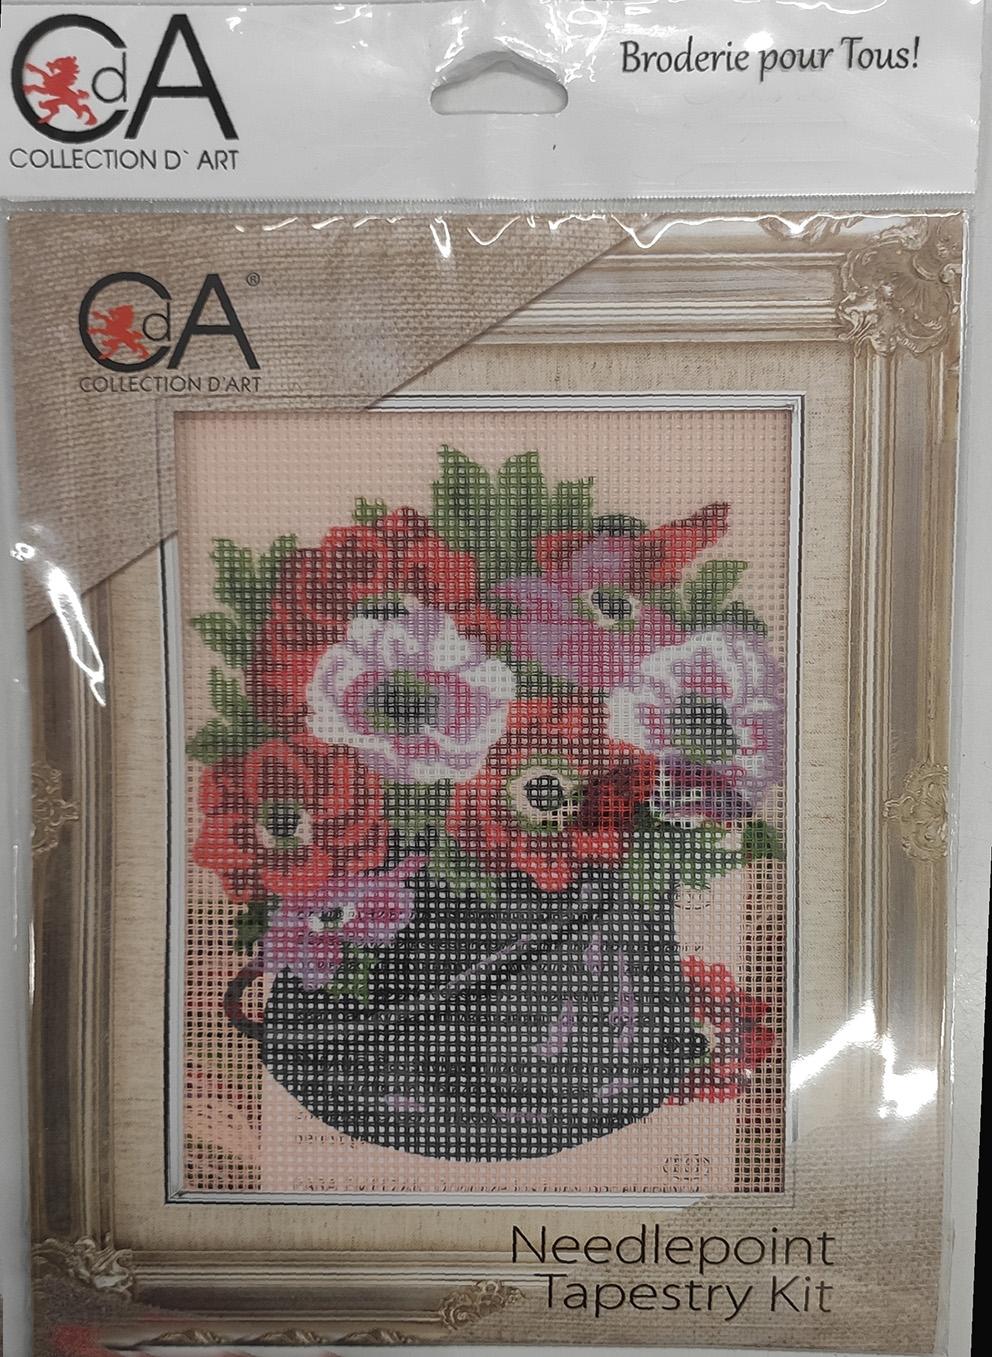 Collection d'art ricamo per tutti immagine prestampata di fiori